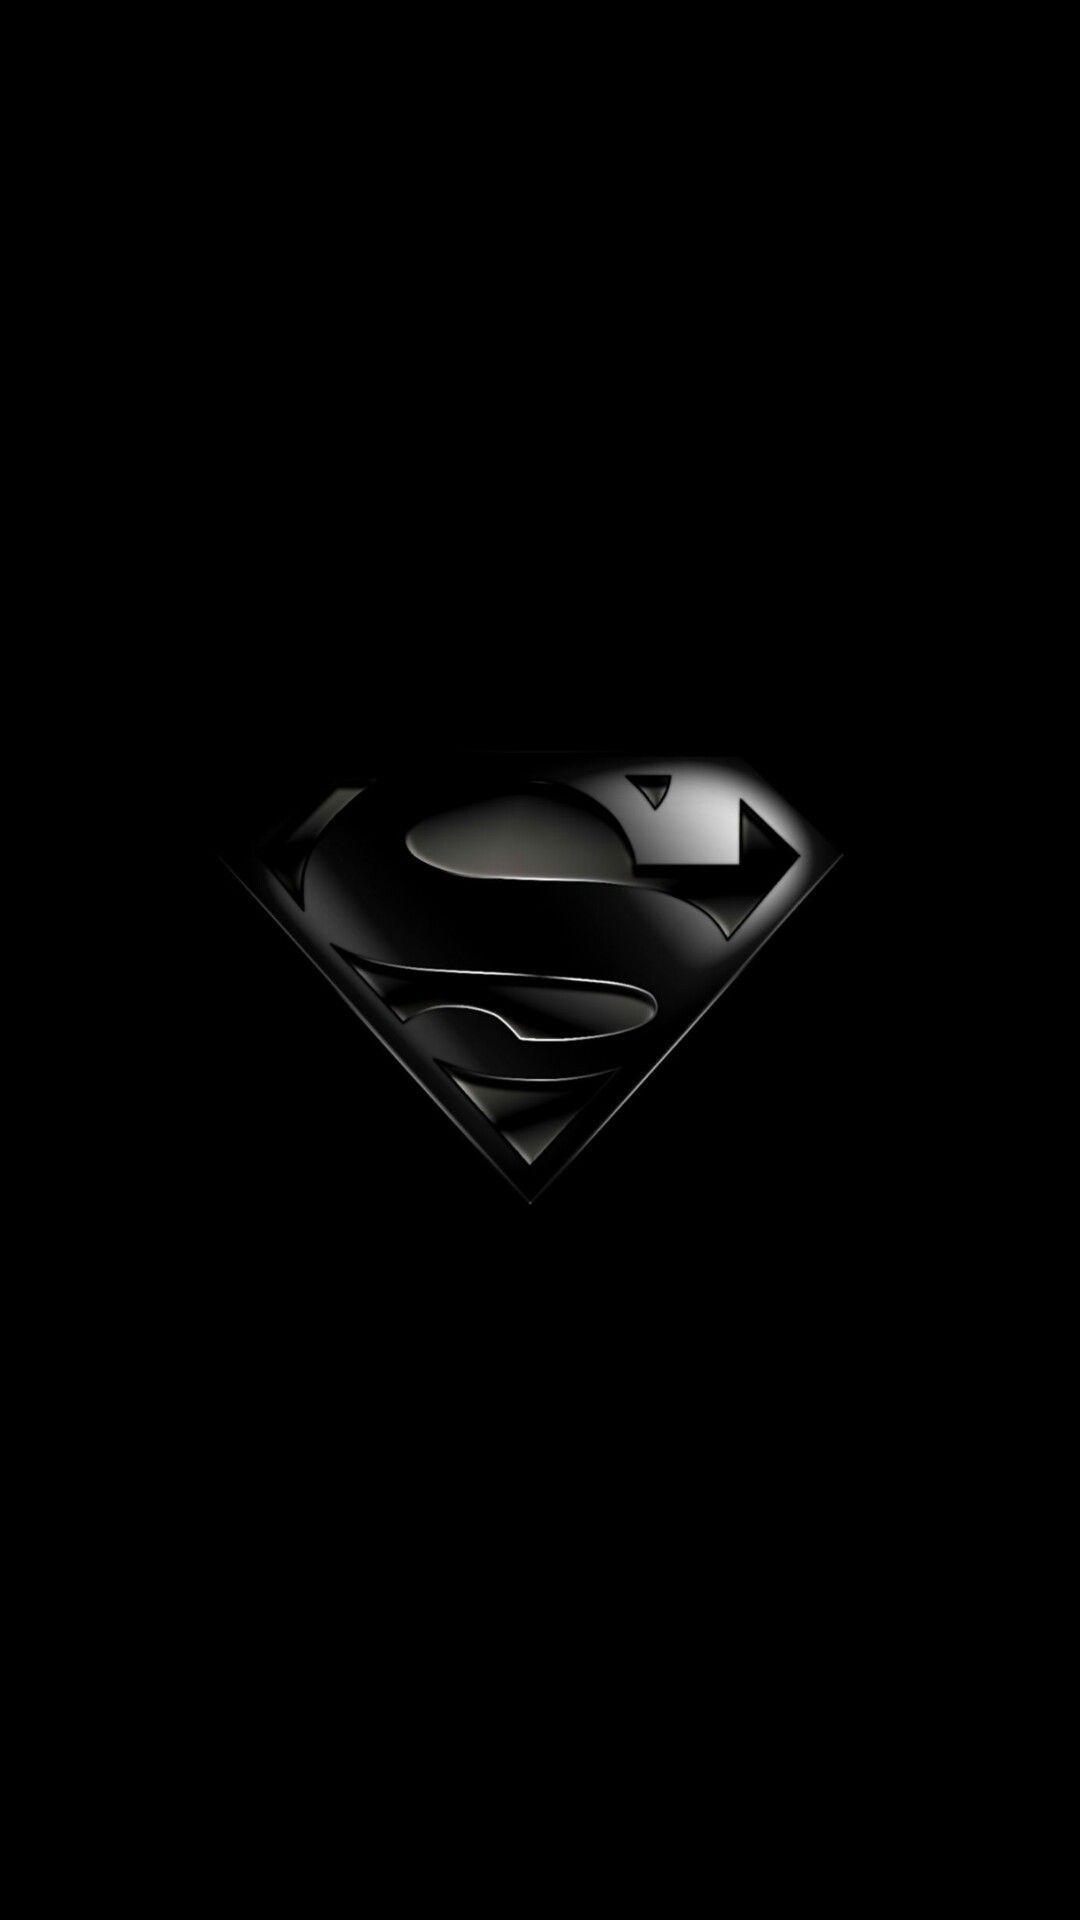 Black Oregon Ducks Wallpaper Android Download Superman Wallpaper Superman Wallpaper Logo Superhero Wallpaper